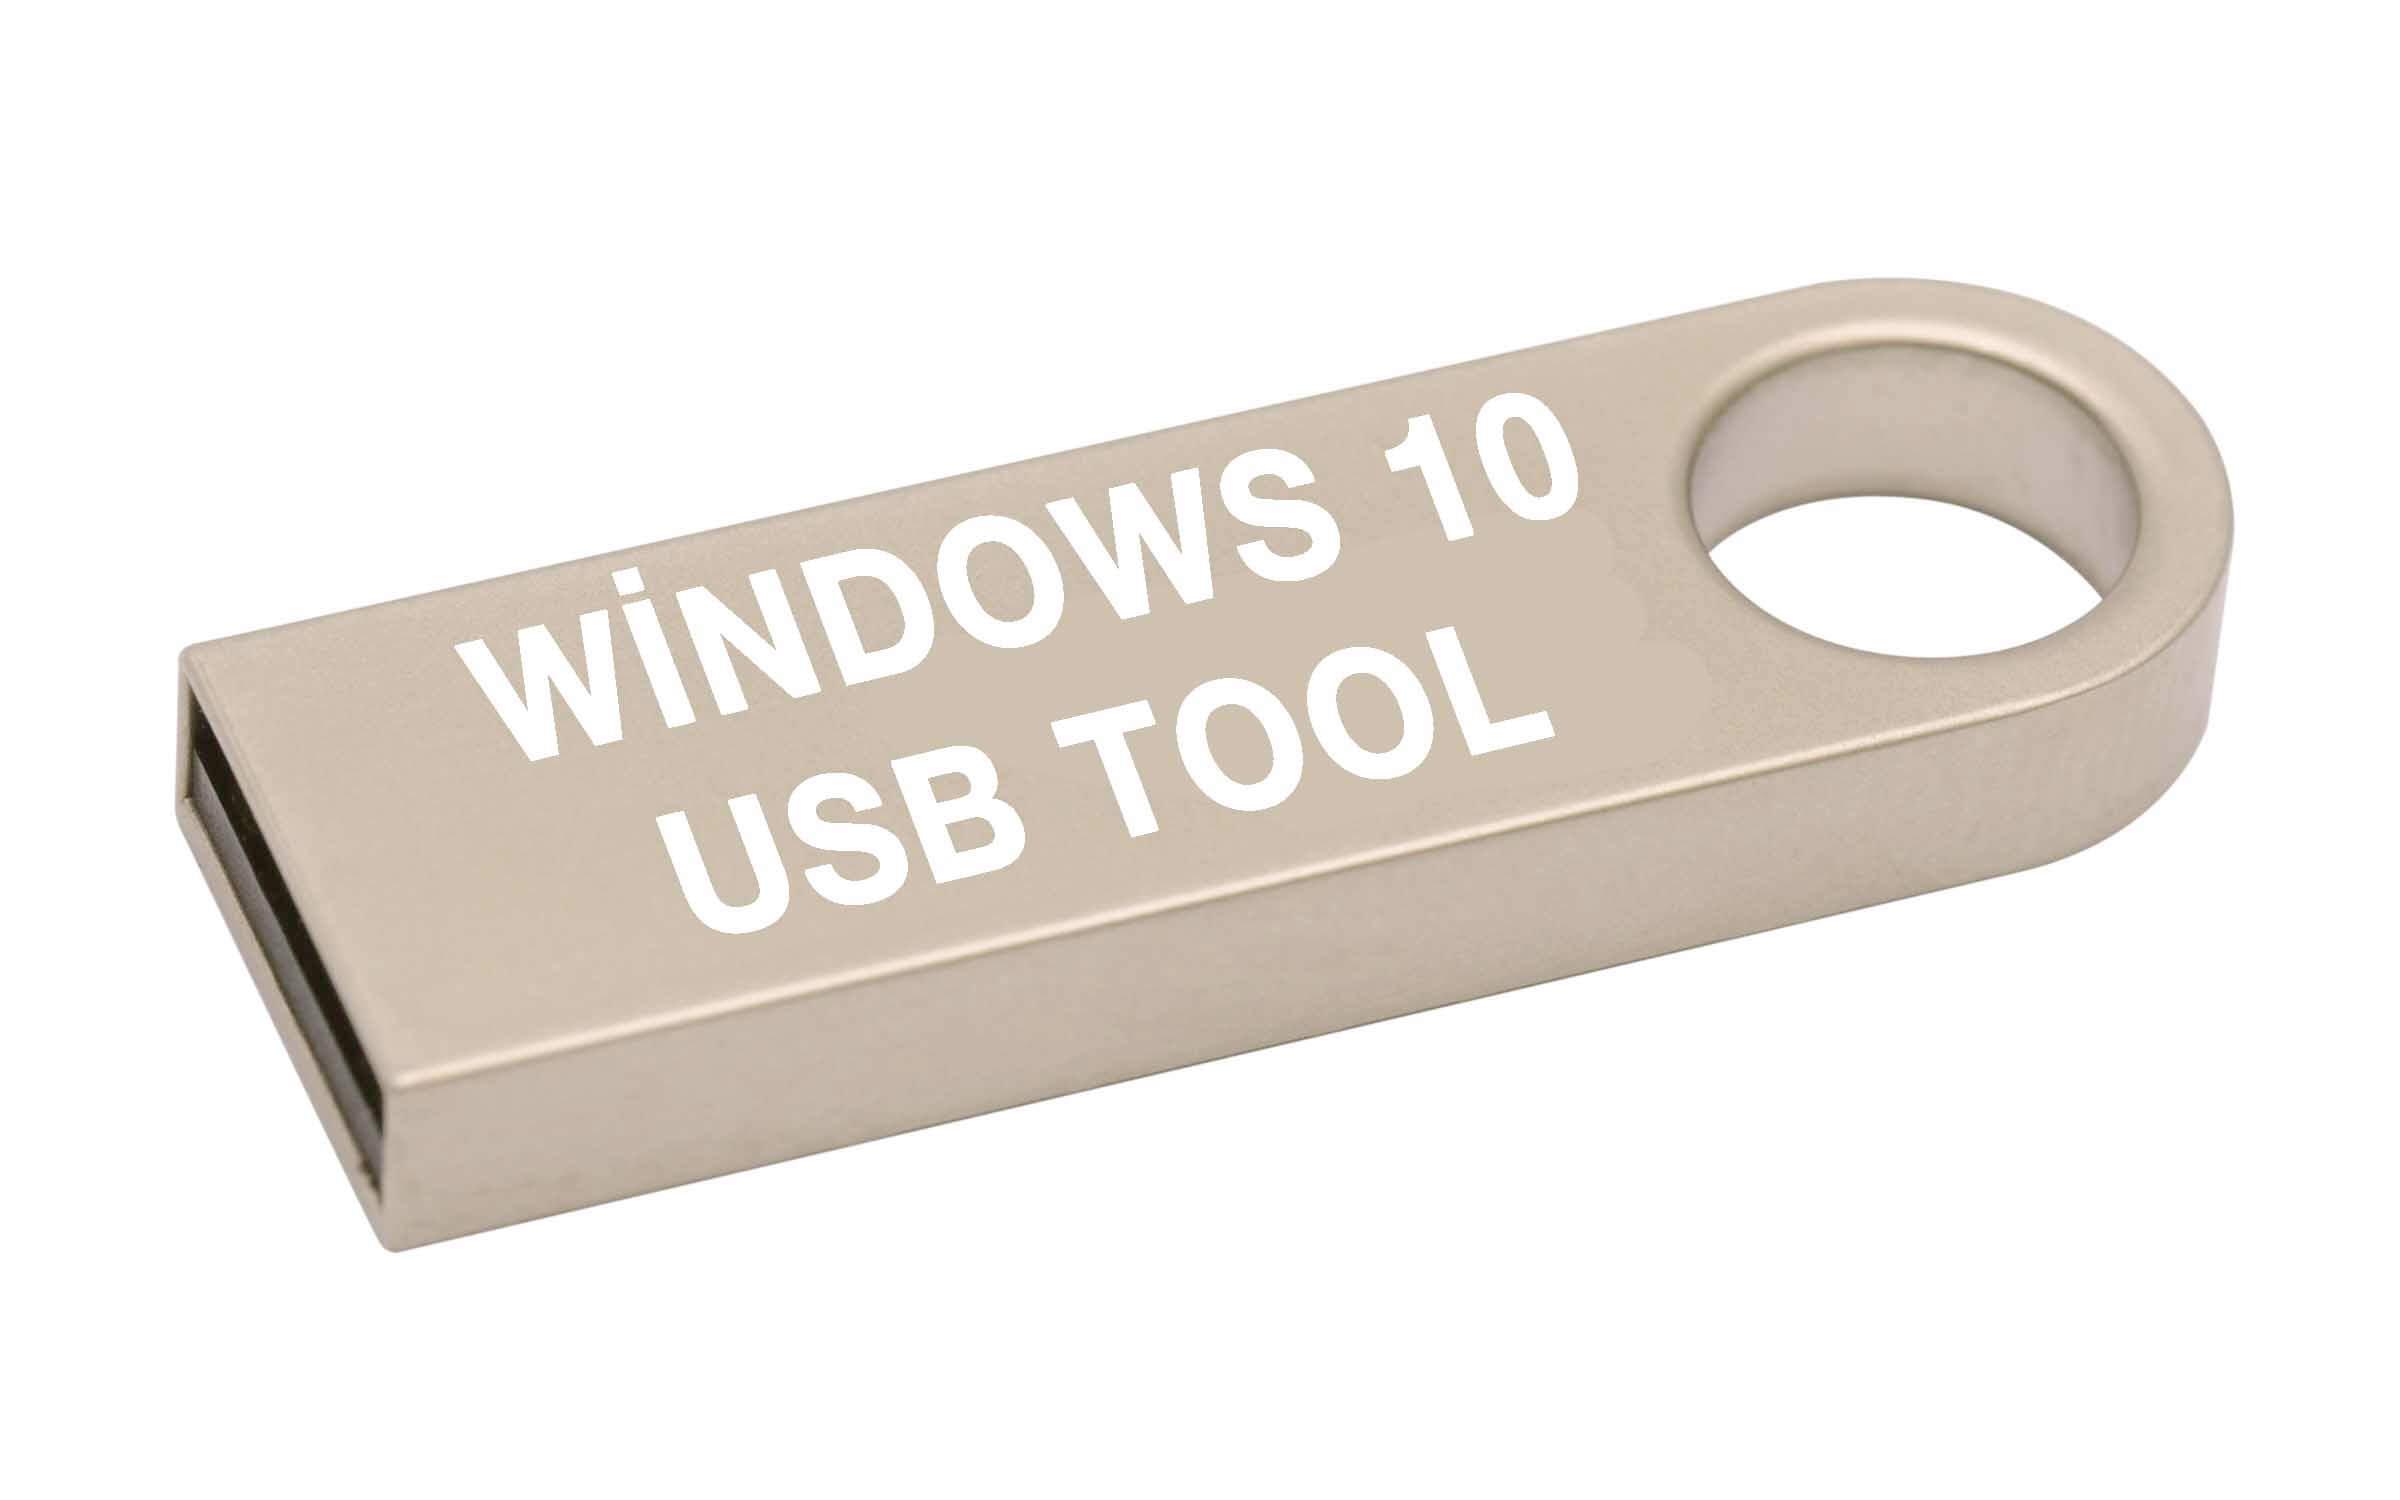 USB tool hazırlama Windows 10 USB Tool Windows 10 USB Tool Hazırlama usb tool